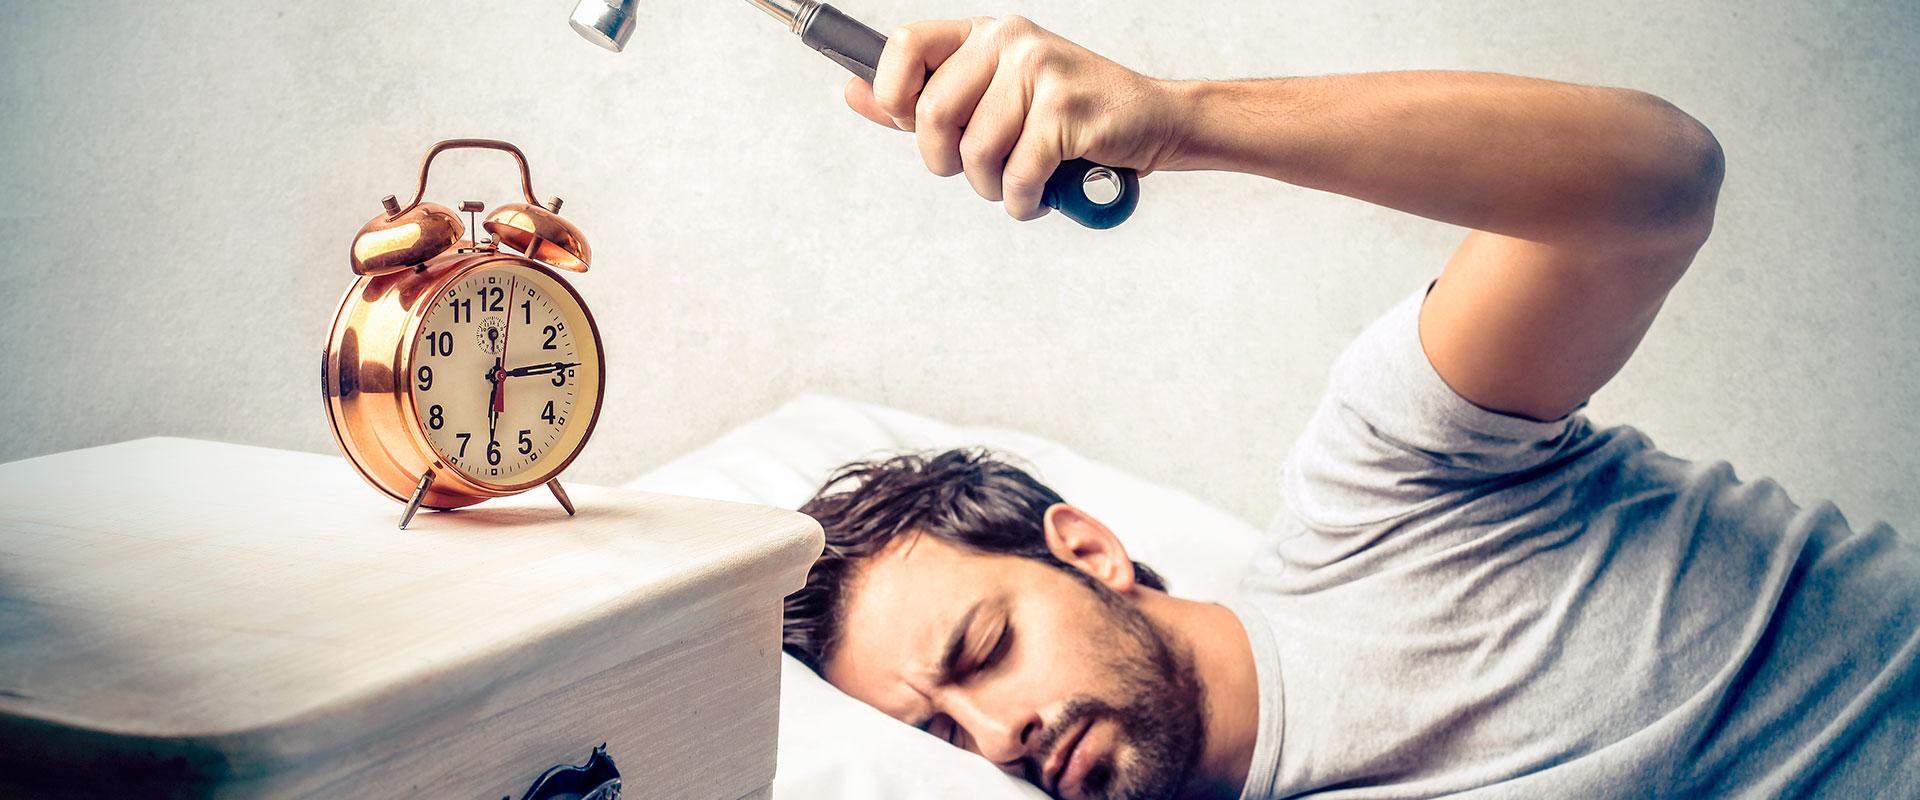 Hombre tratando de destruir su despertador.